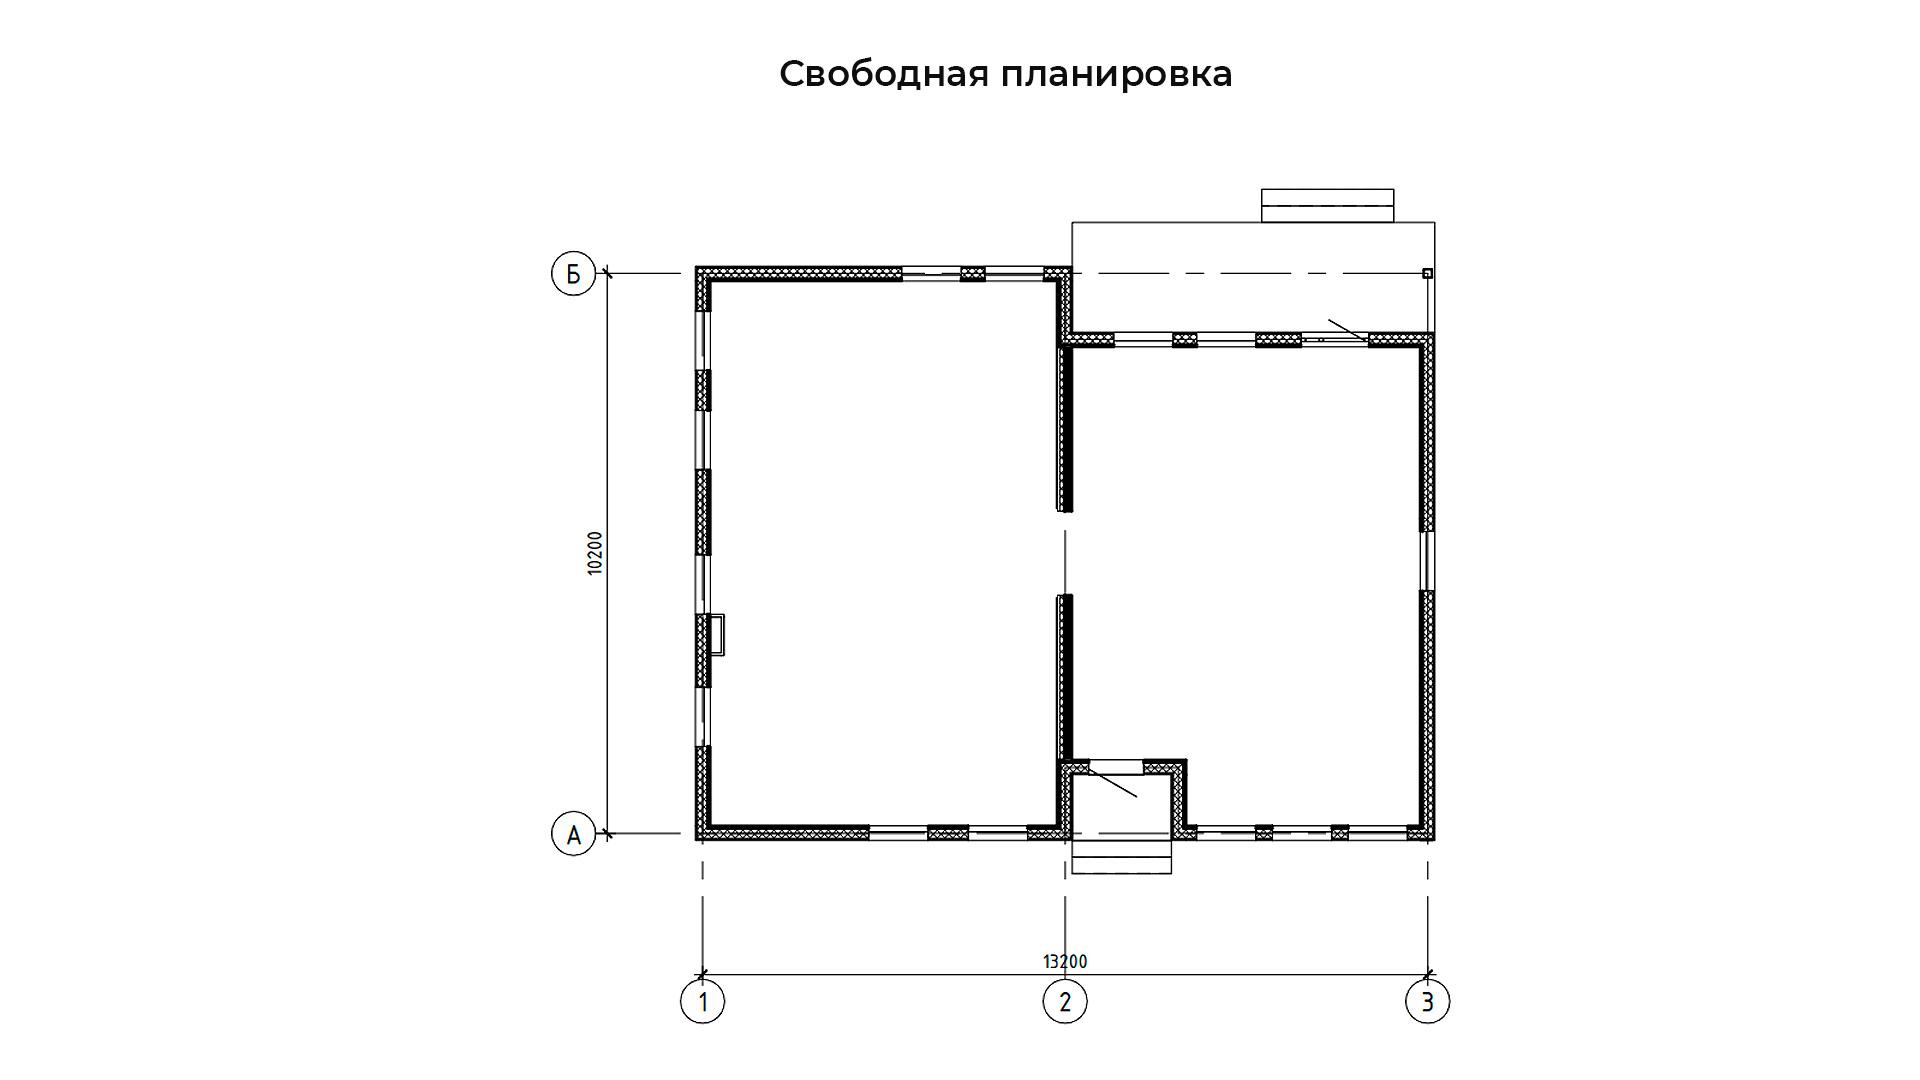 Свободная планировка коттеджа БП-127.